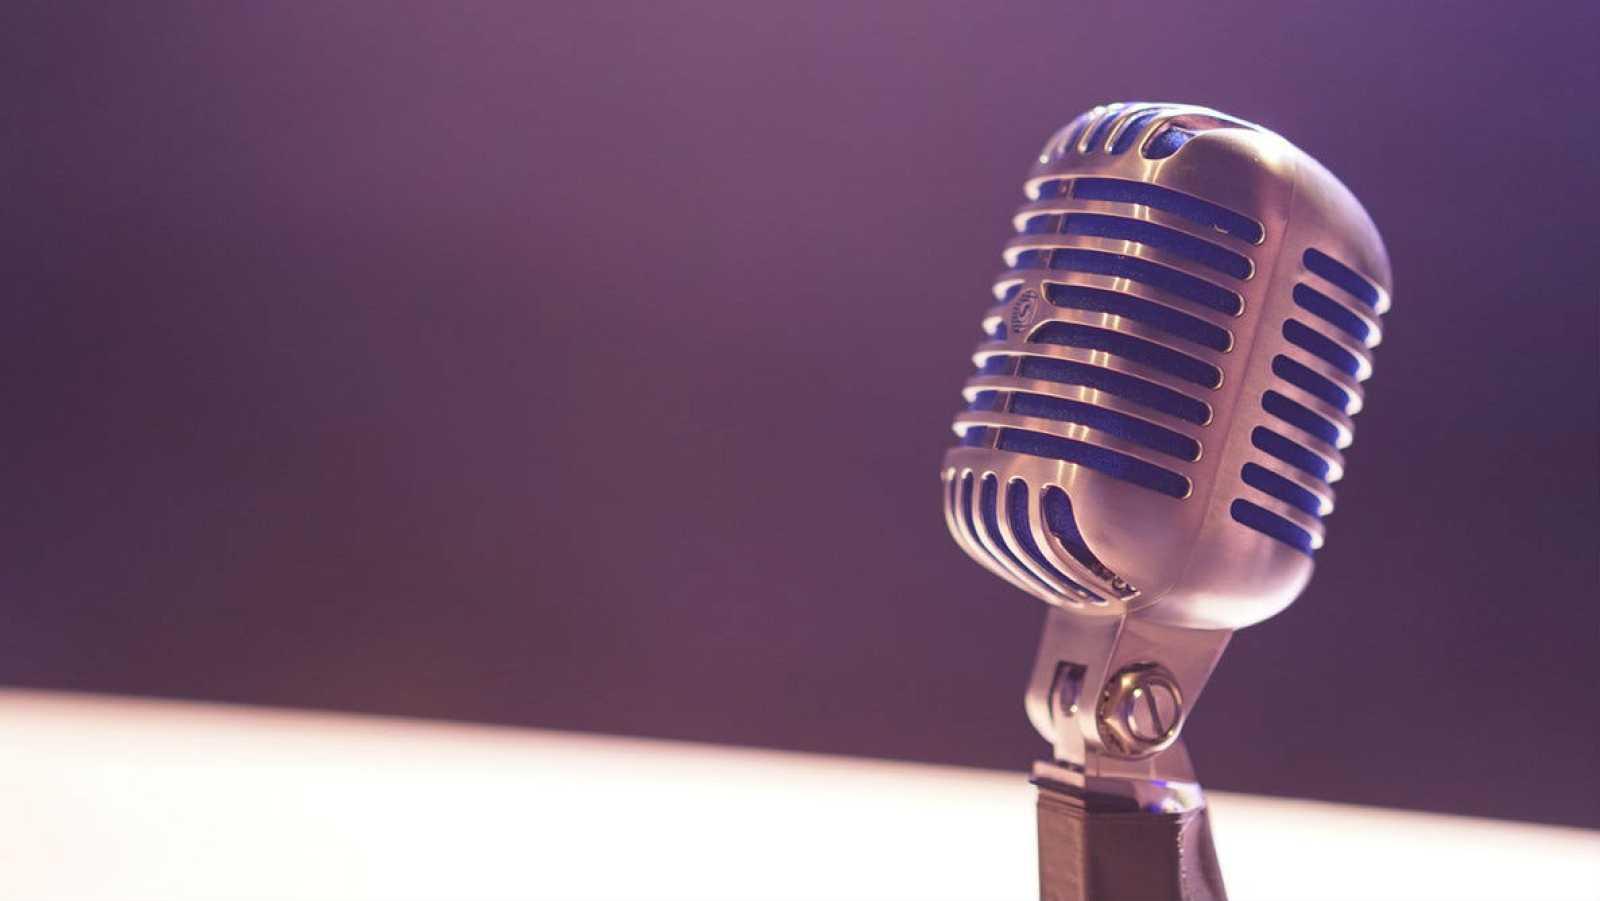 La tertulia - Arte, salud, sociedad: músicas más allá del auditorio - 11/03/18 - escuchar ahora